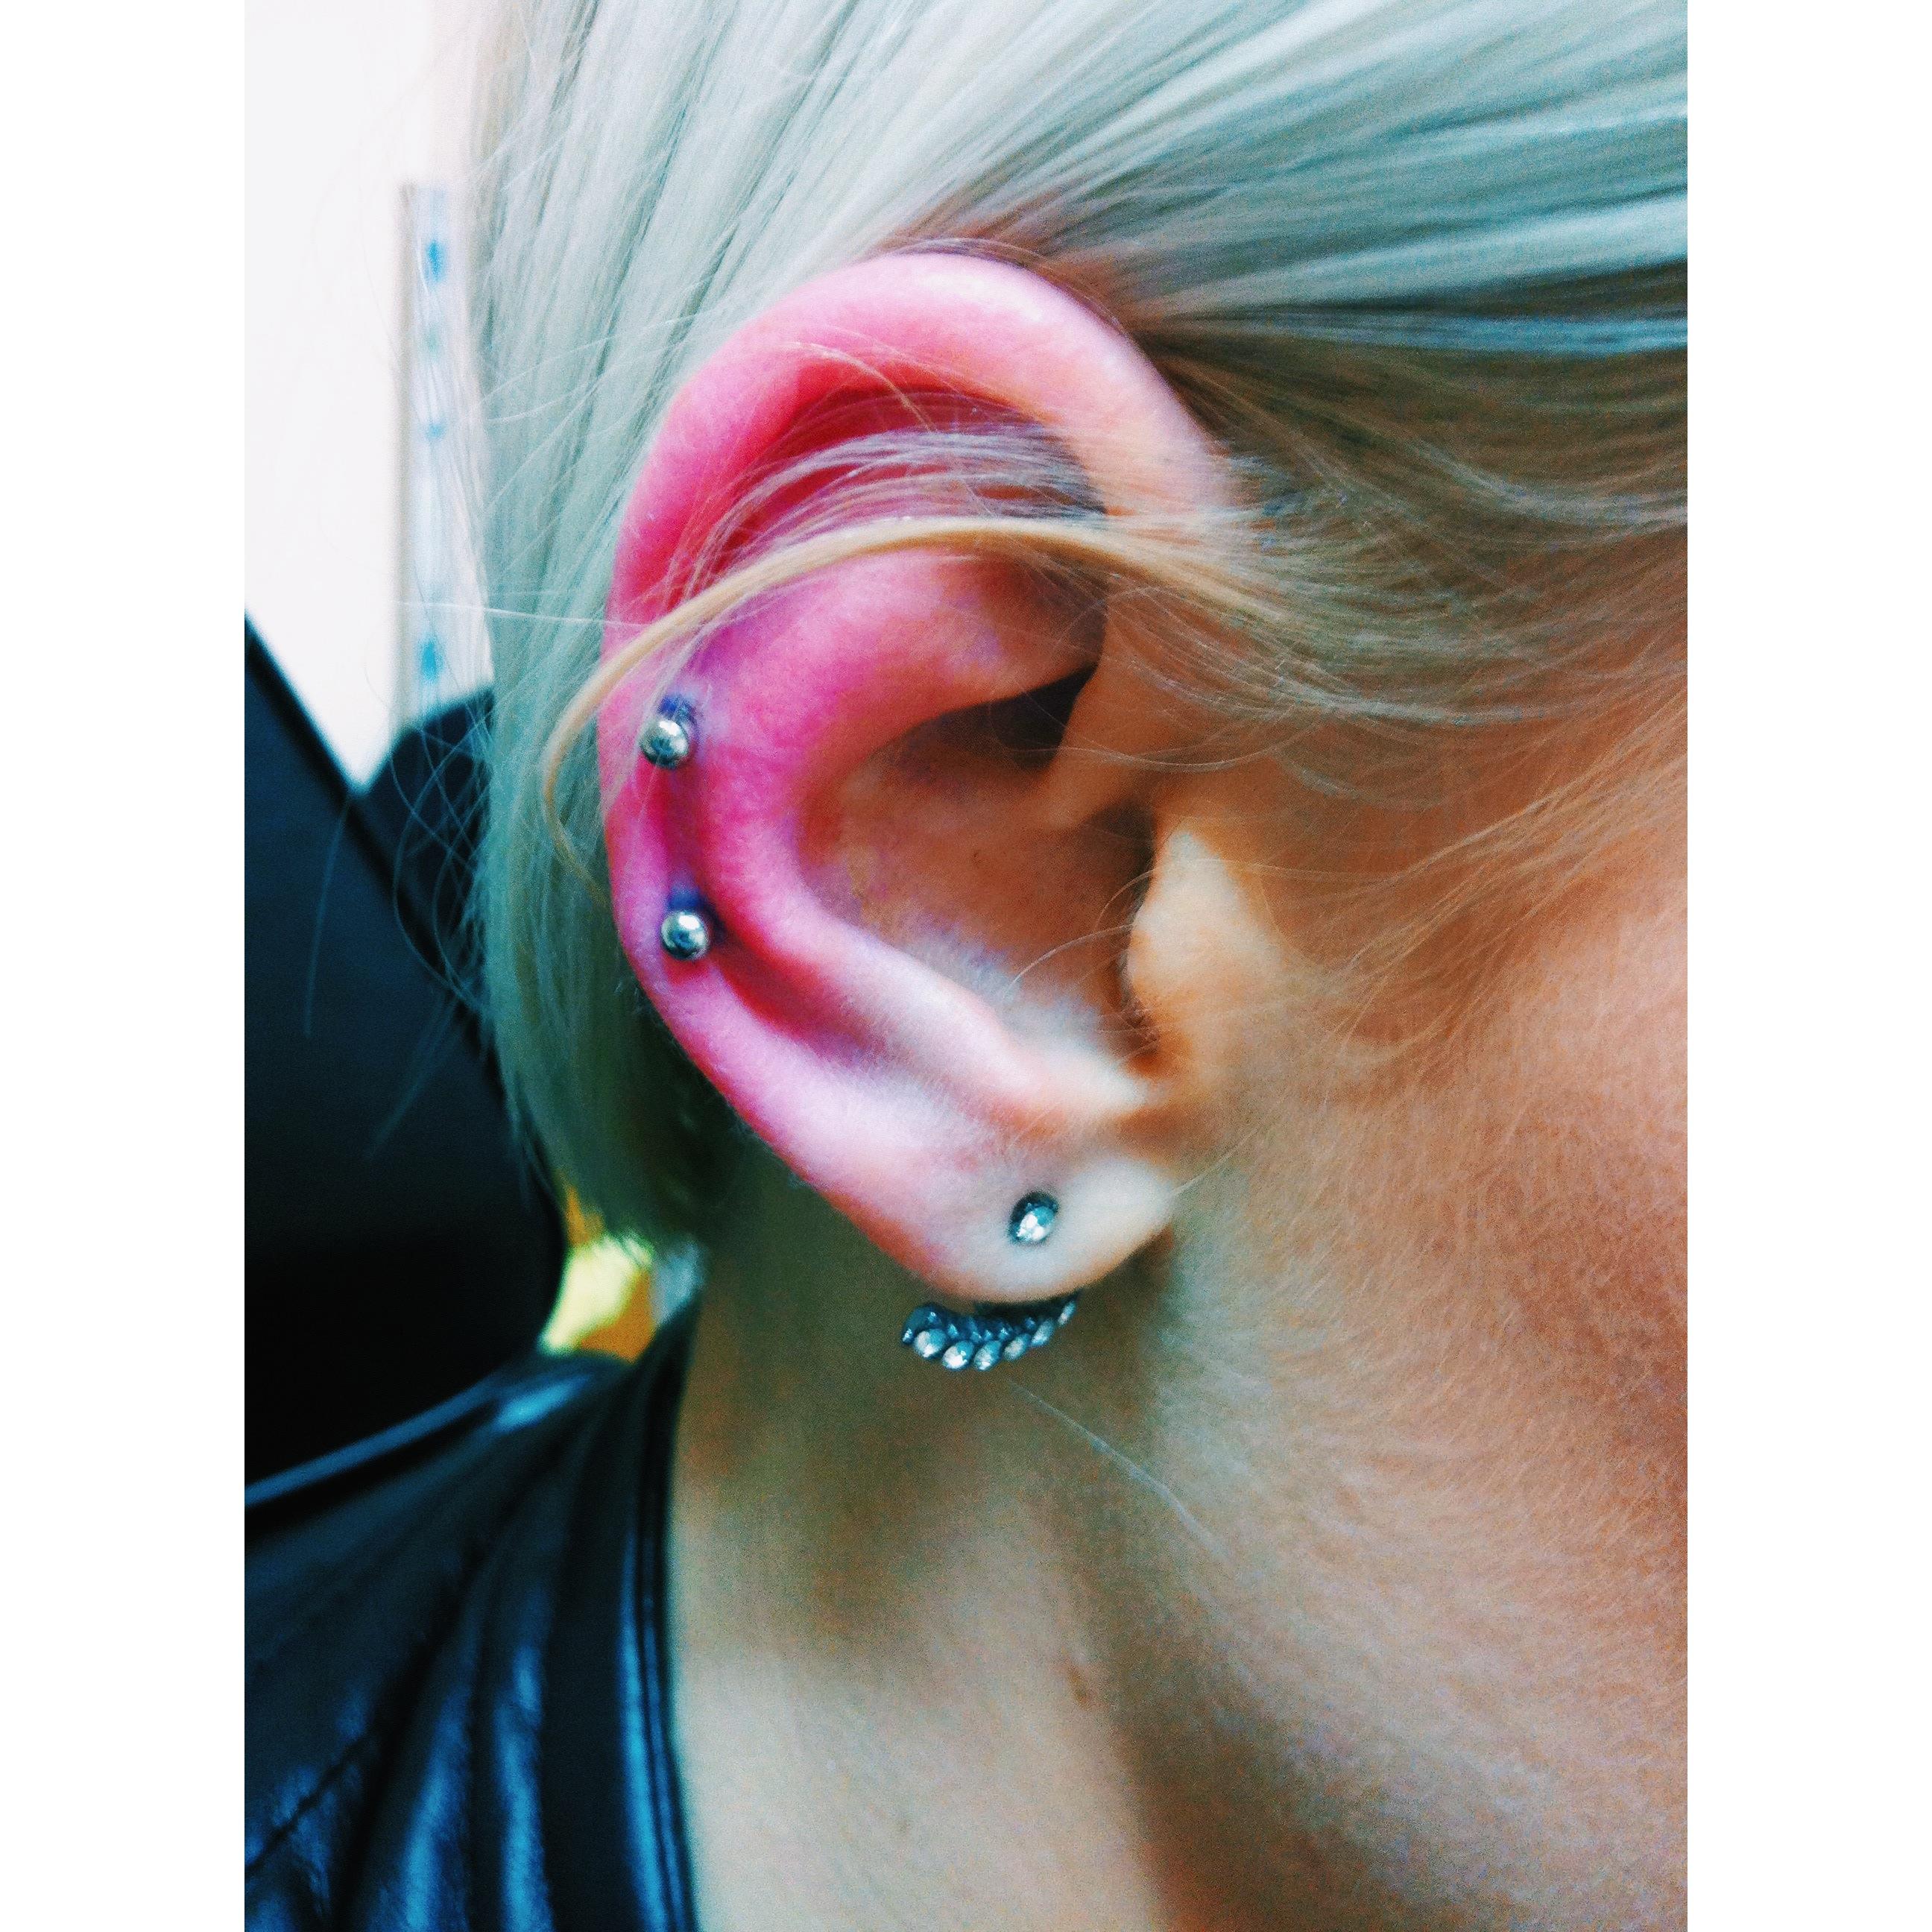 Katrin's Double Helix Piercings